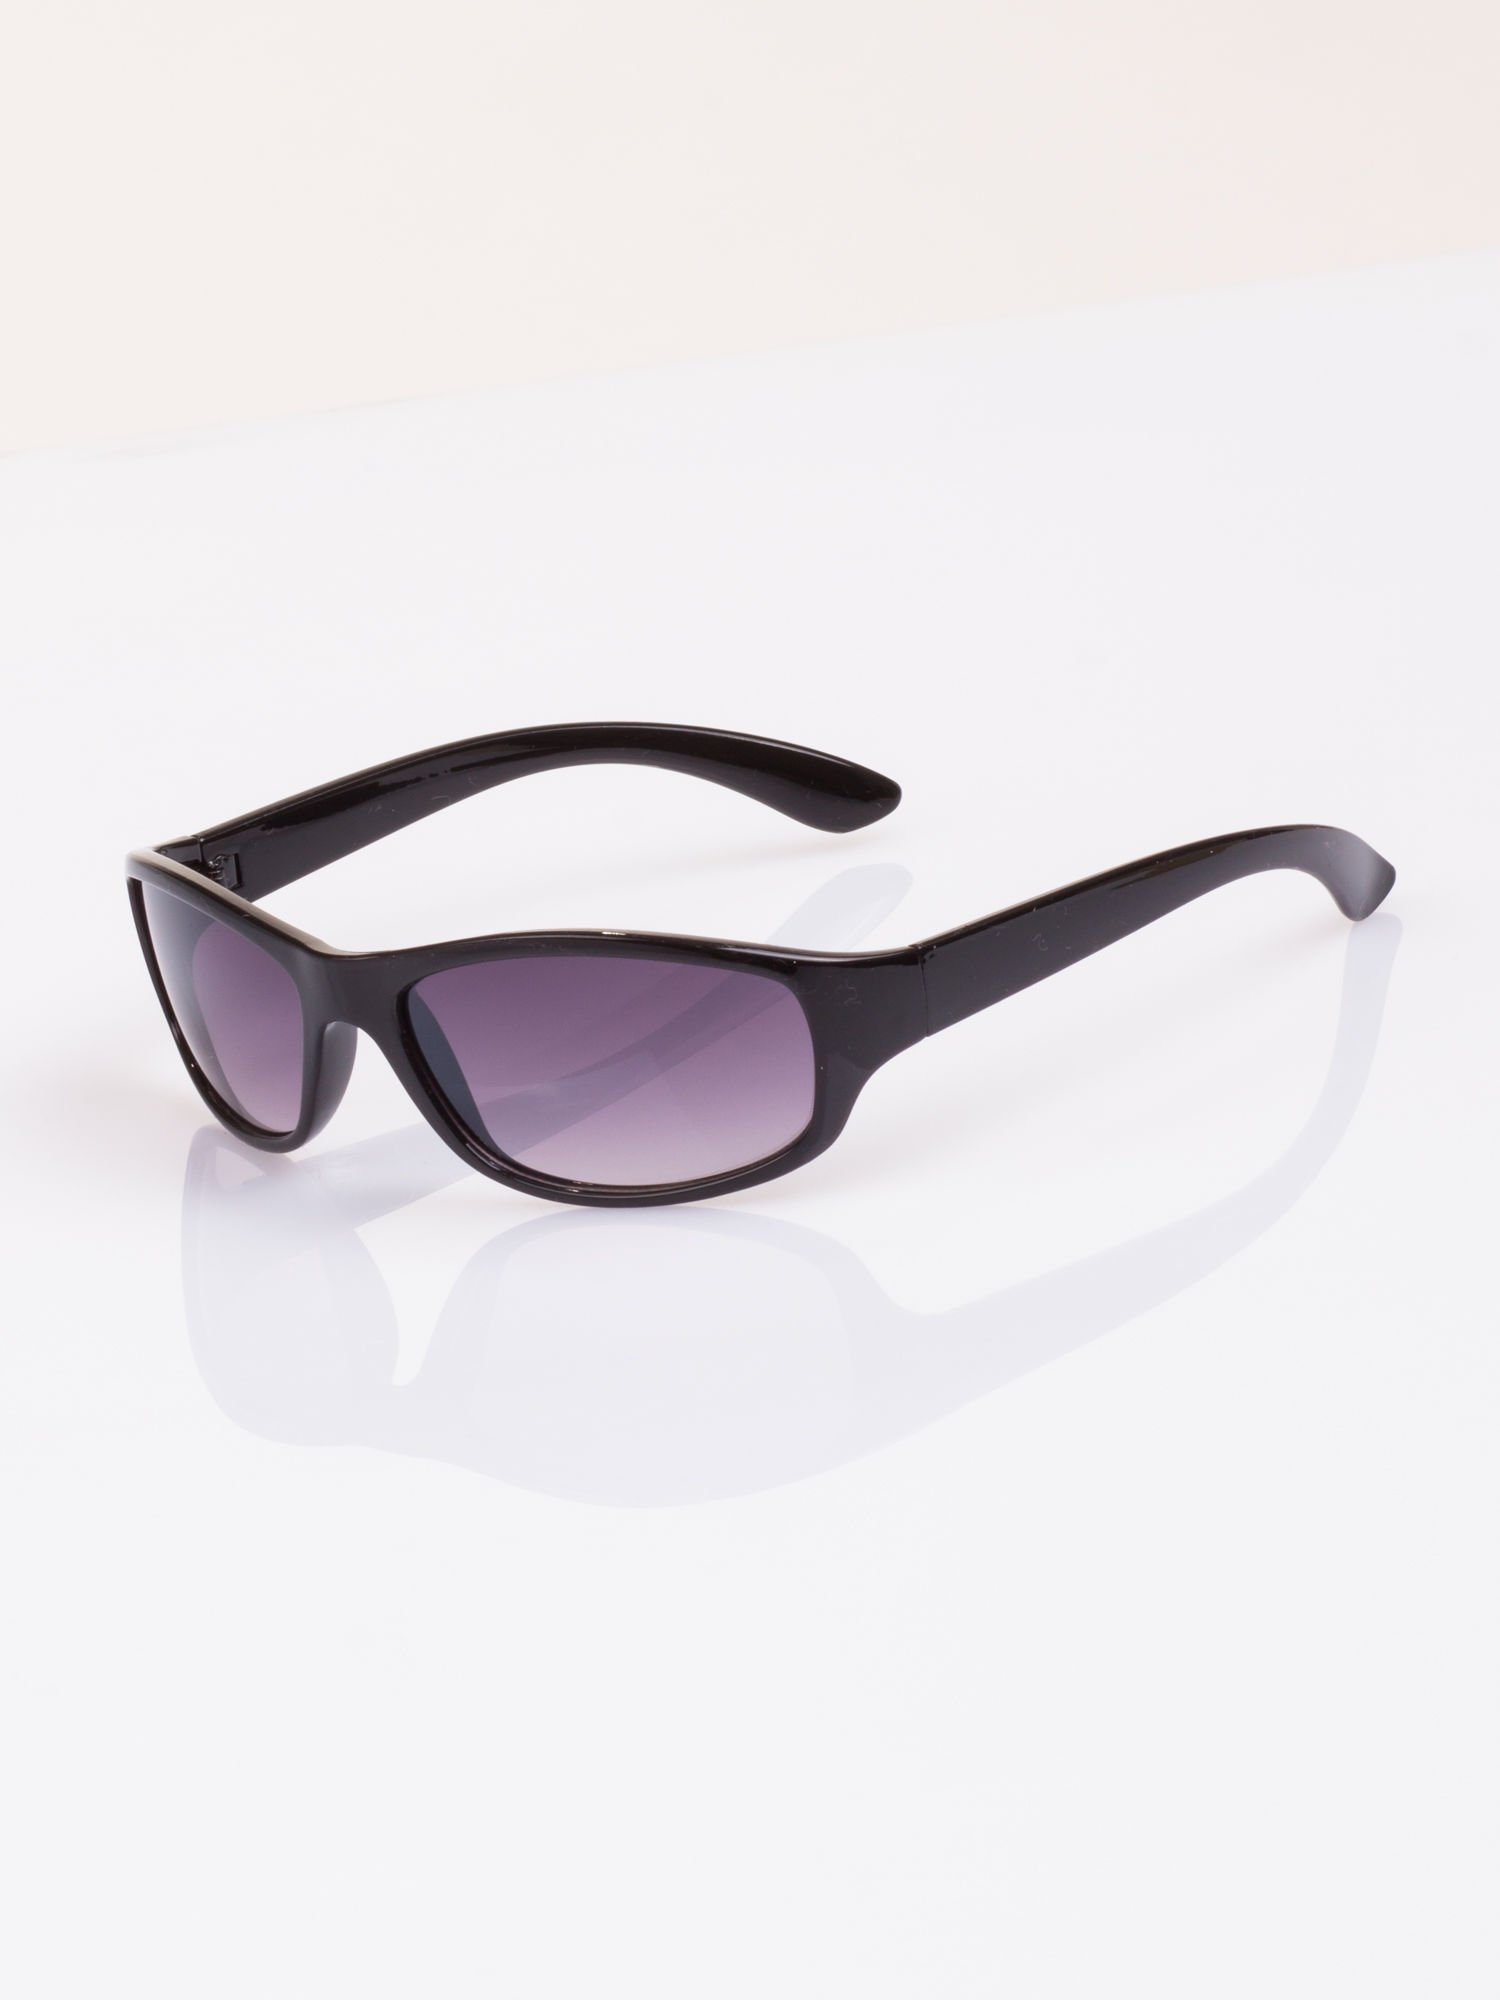 Okulary SPORT- DYNAMICZNY DESIGN dla kierowcy                                   zdj.                                  1